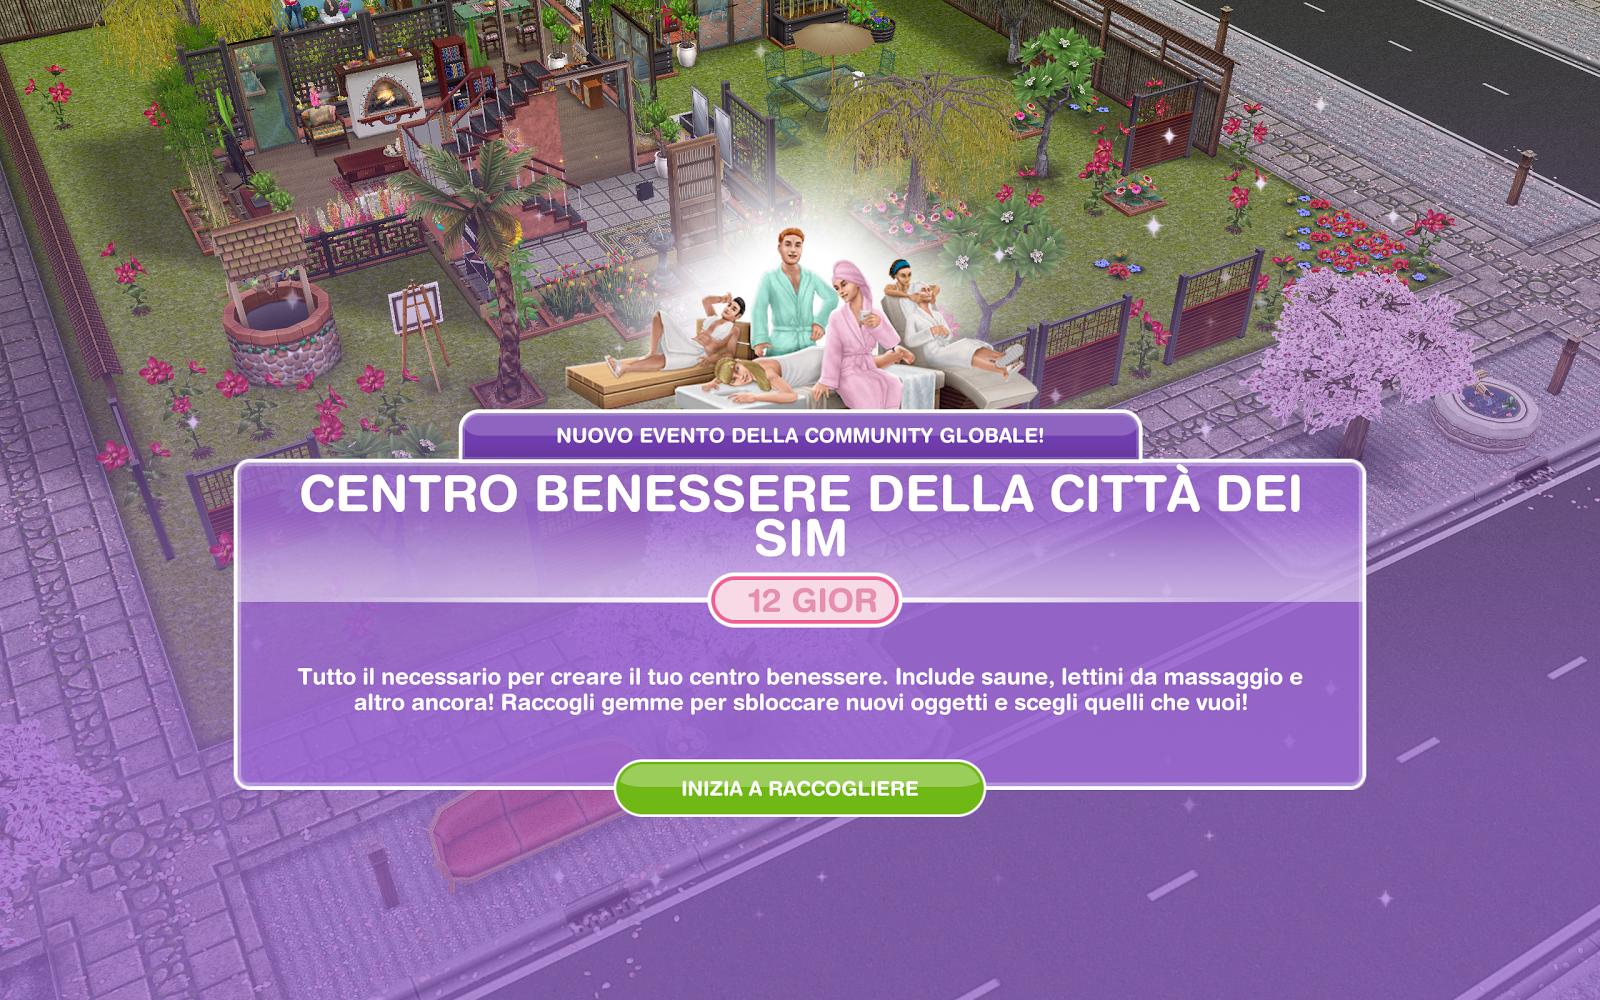 Vasca Da Bagno The Sims Mobile : The sims freeplay it: centro benessere della città dei sim